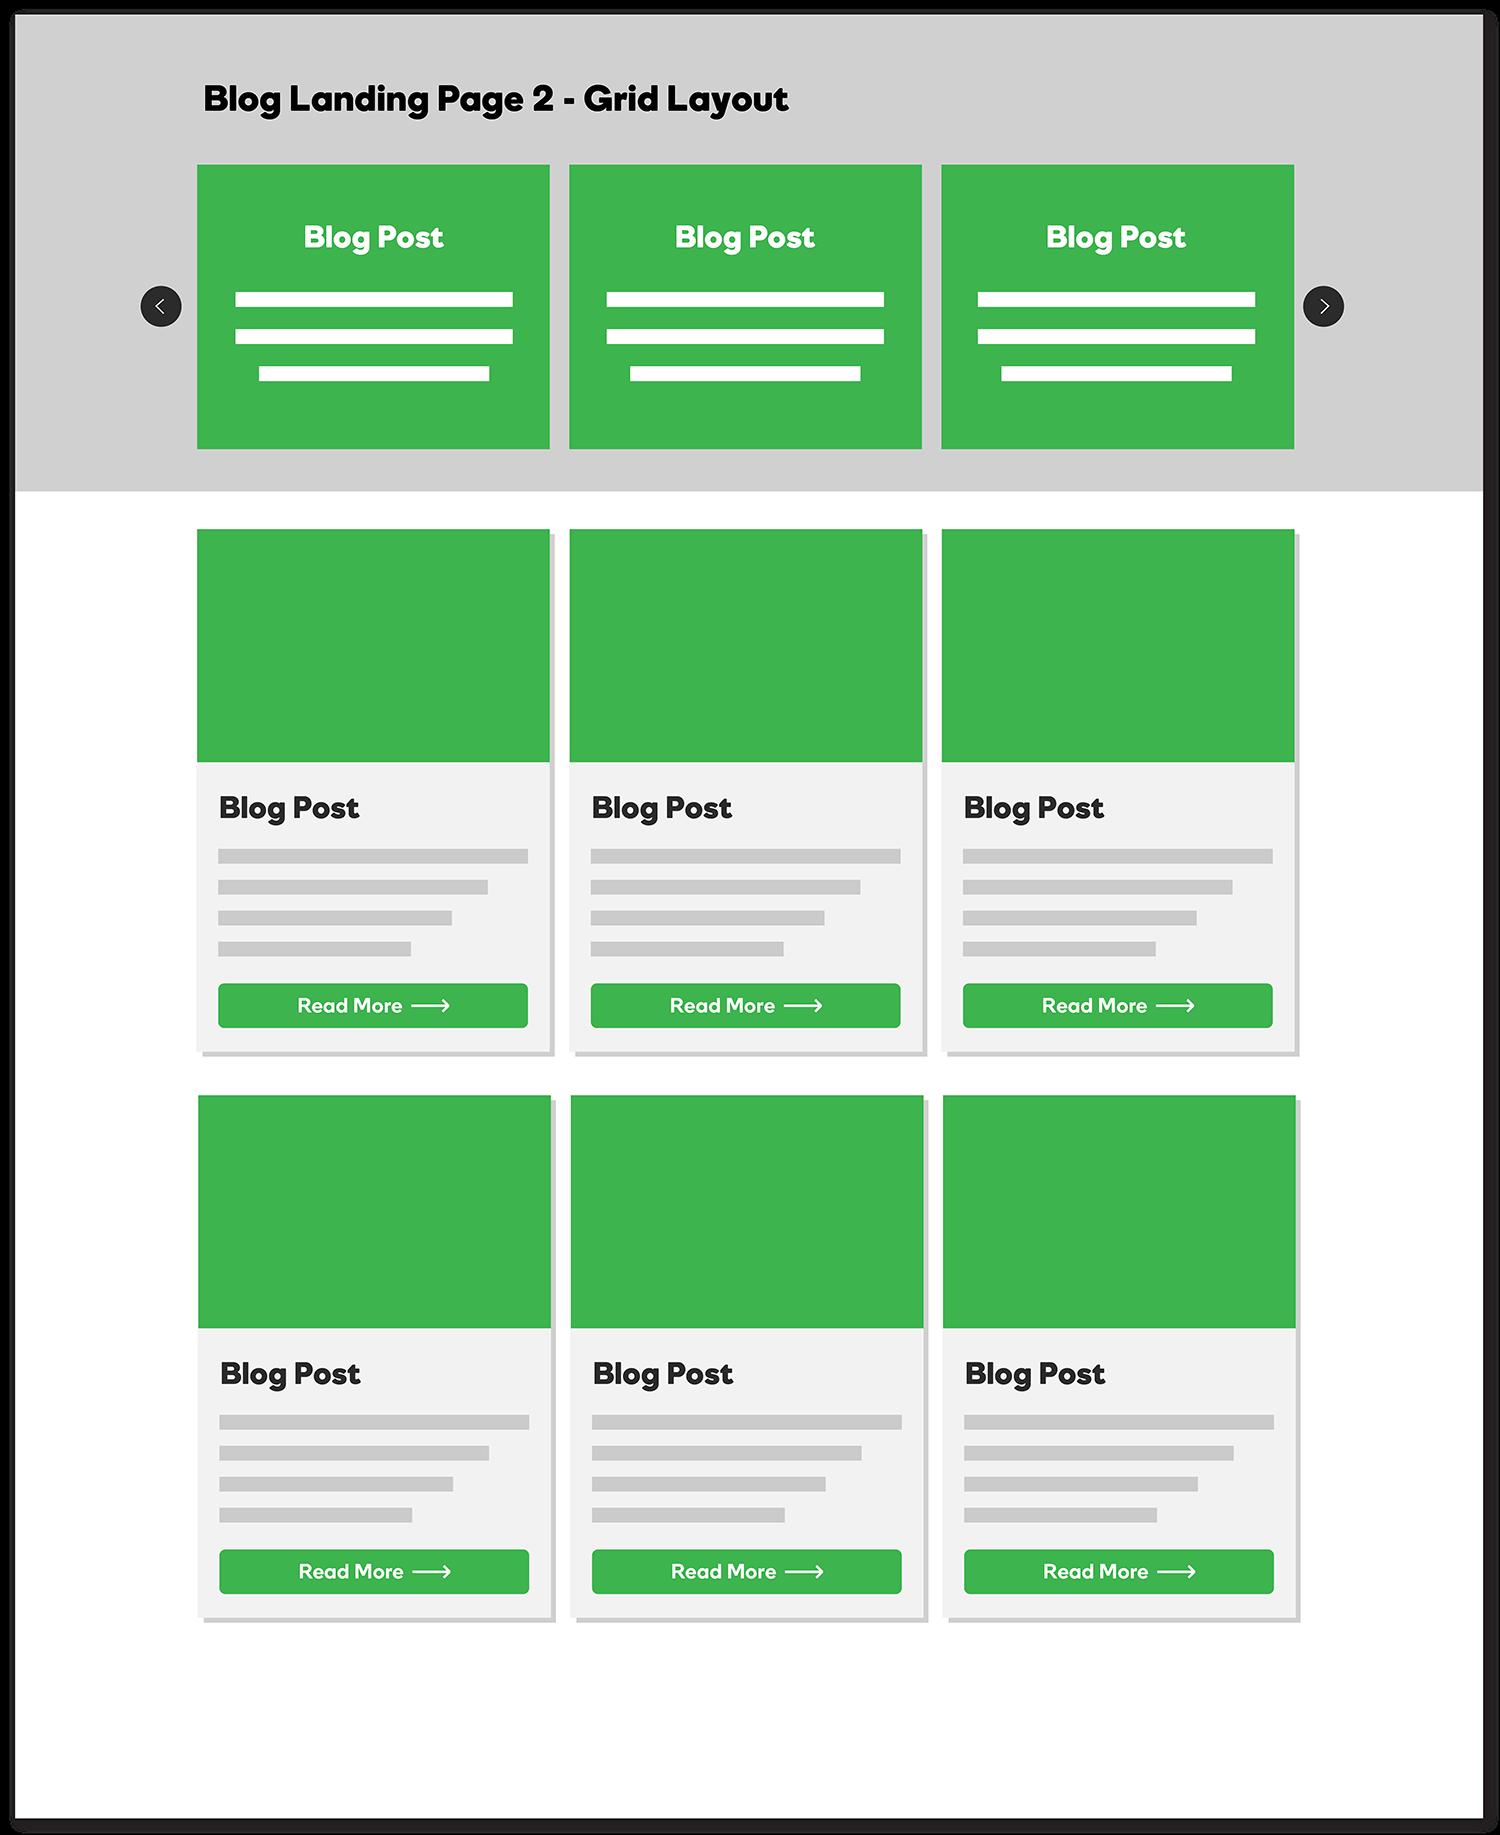 Blog Landing Page - Grid